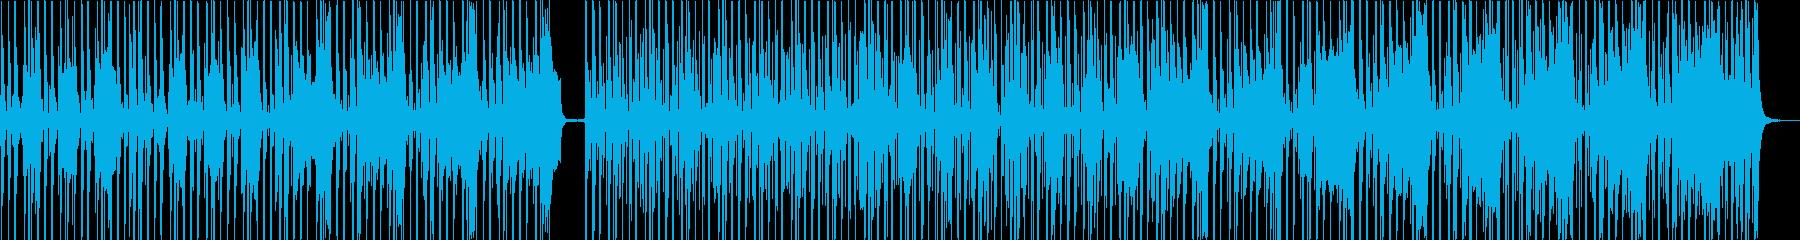 バリバリの典型的ファンクの再生済みの波形